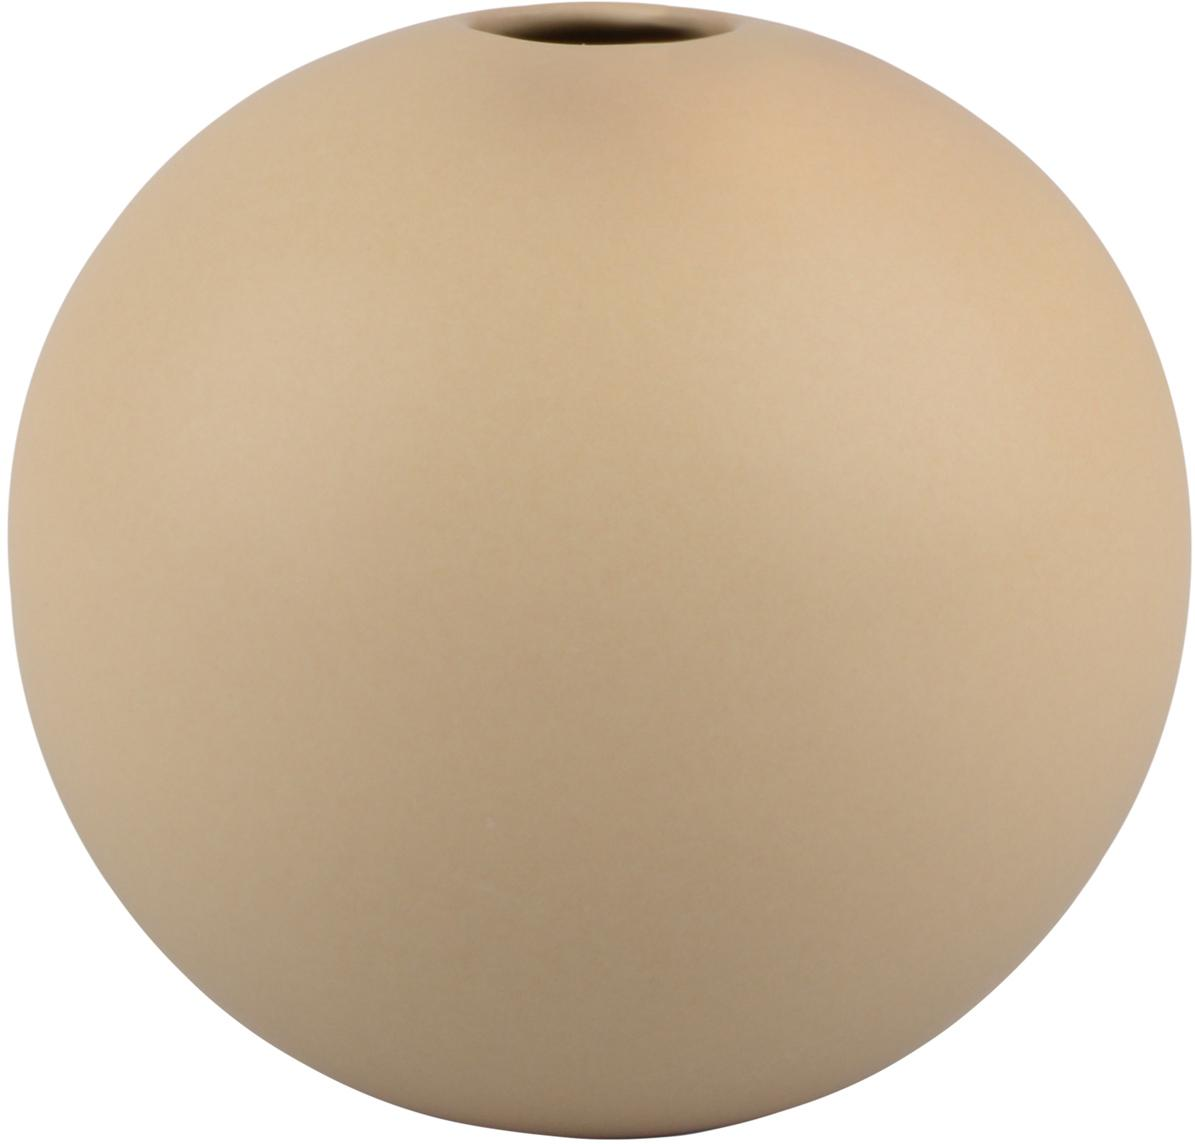 Vaso a sfera in ceramica Rita, Ceramica, Beige, Ø 12 x Alt. 12 cm